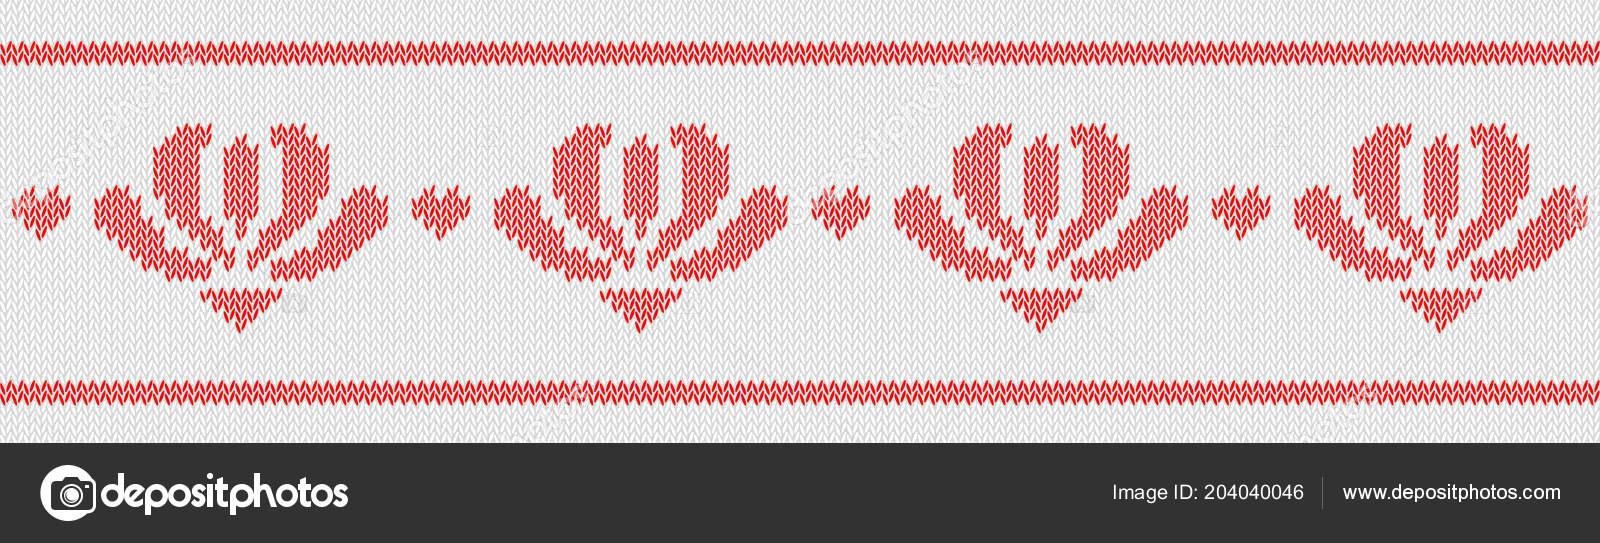 Lanas del telar jacquar tejidos patrón con flores rojas sobre fondo ...